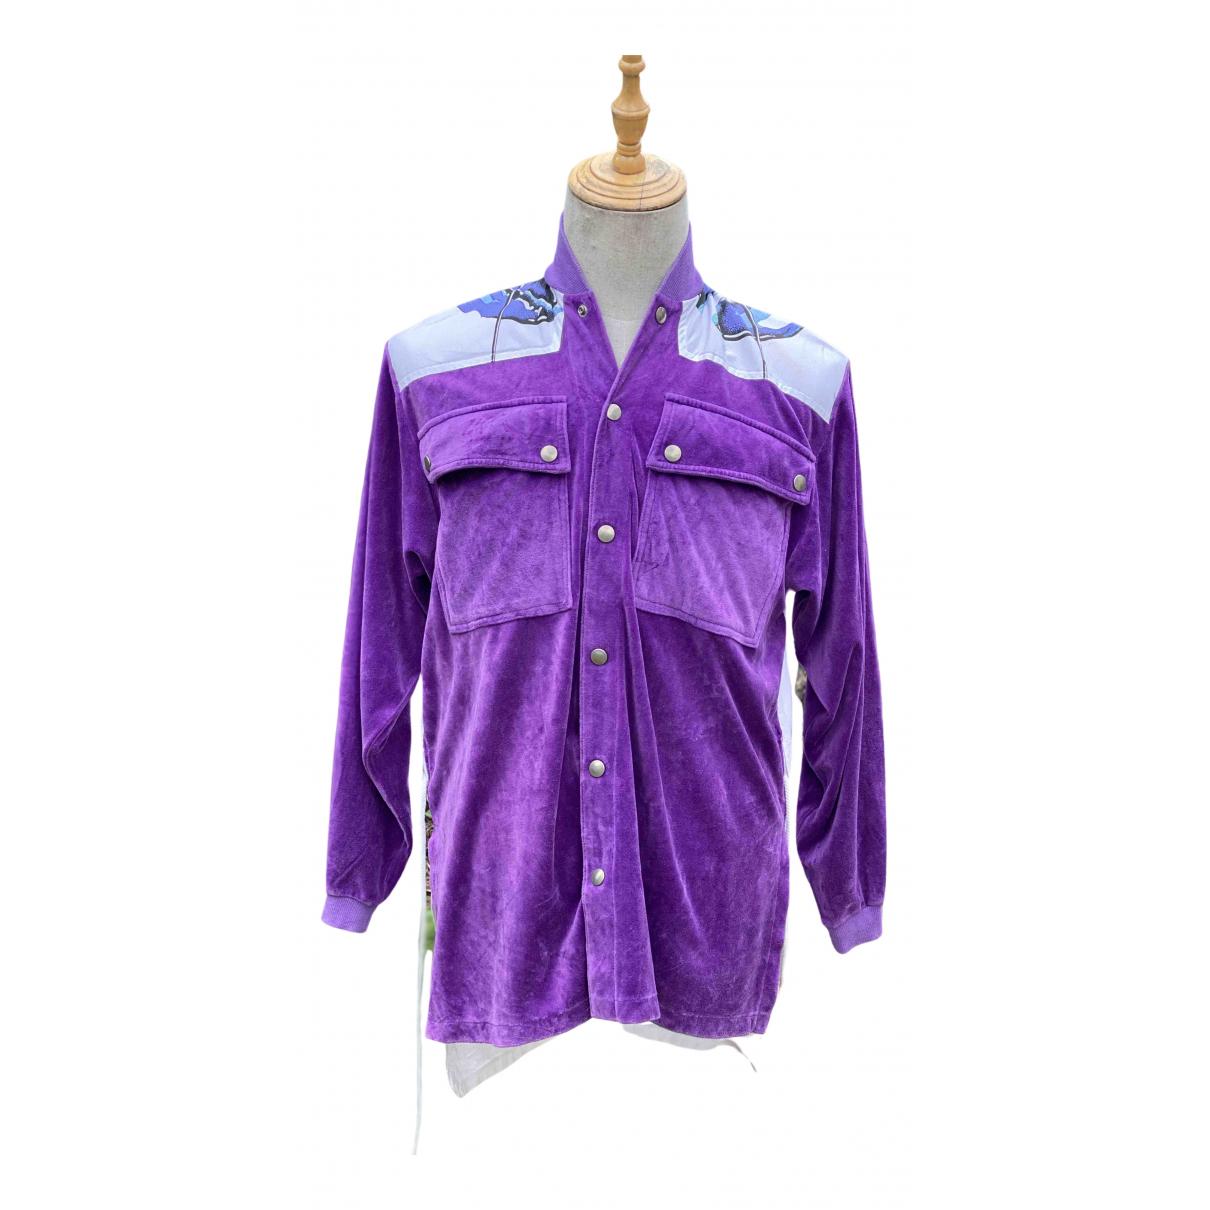 Kansai Yamamoto - Chemises   pour homme - violet